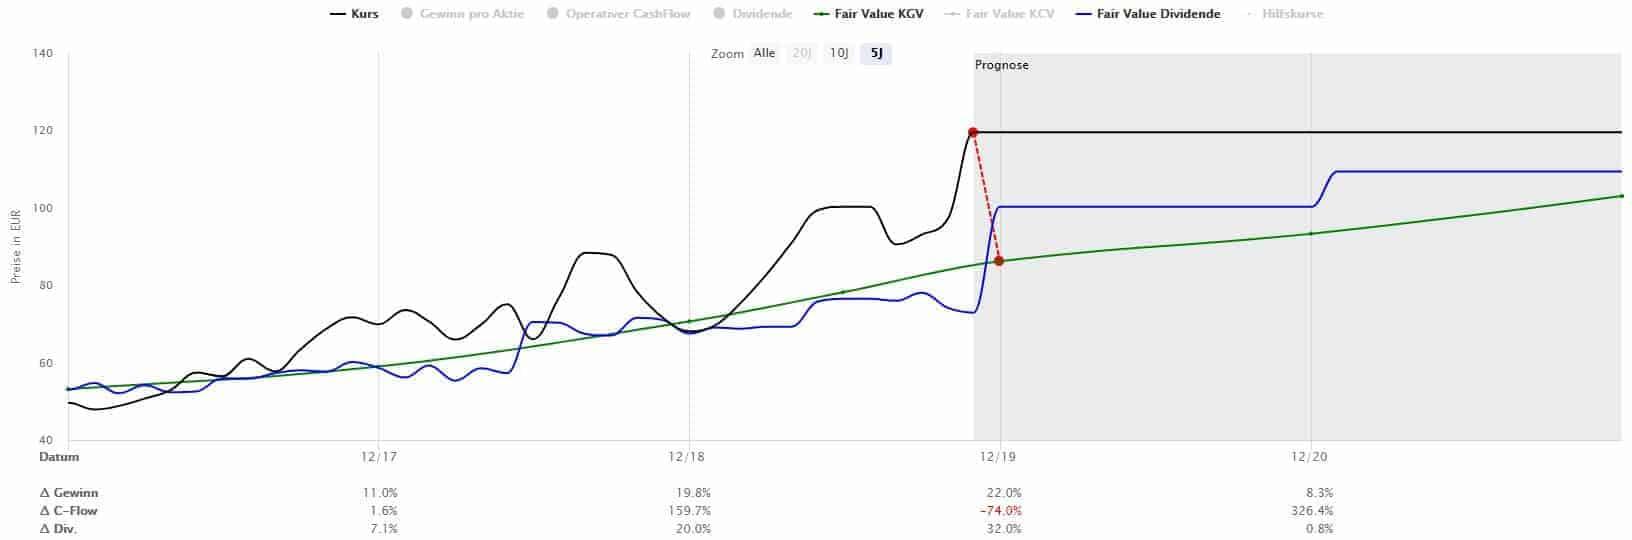 Die Bechtle Aktie erscheint aktuell deutlich überbewertet